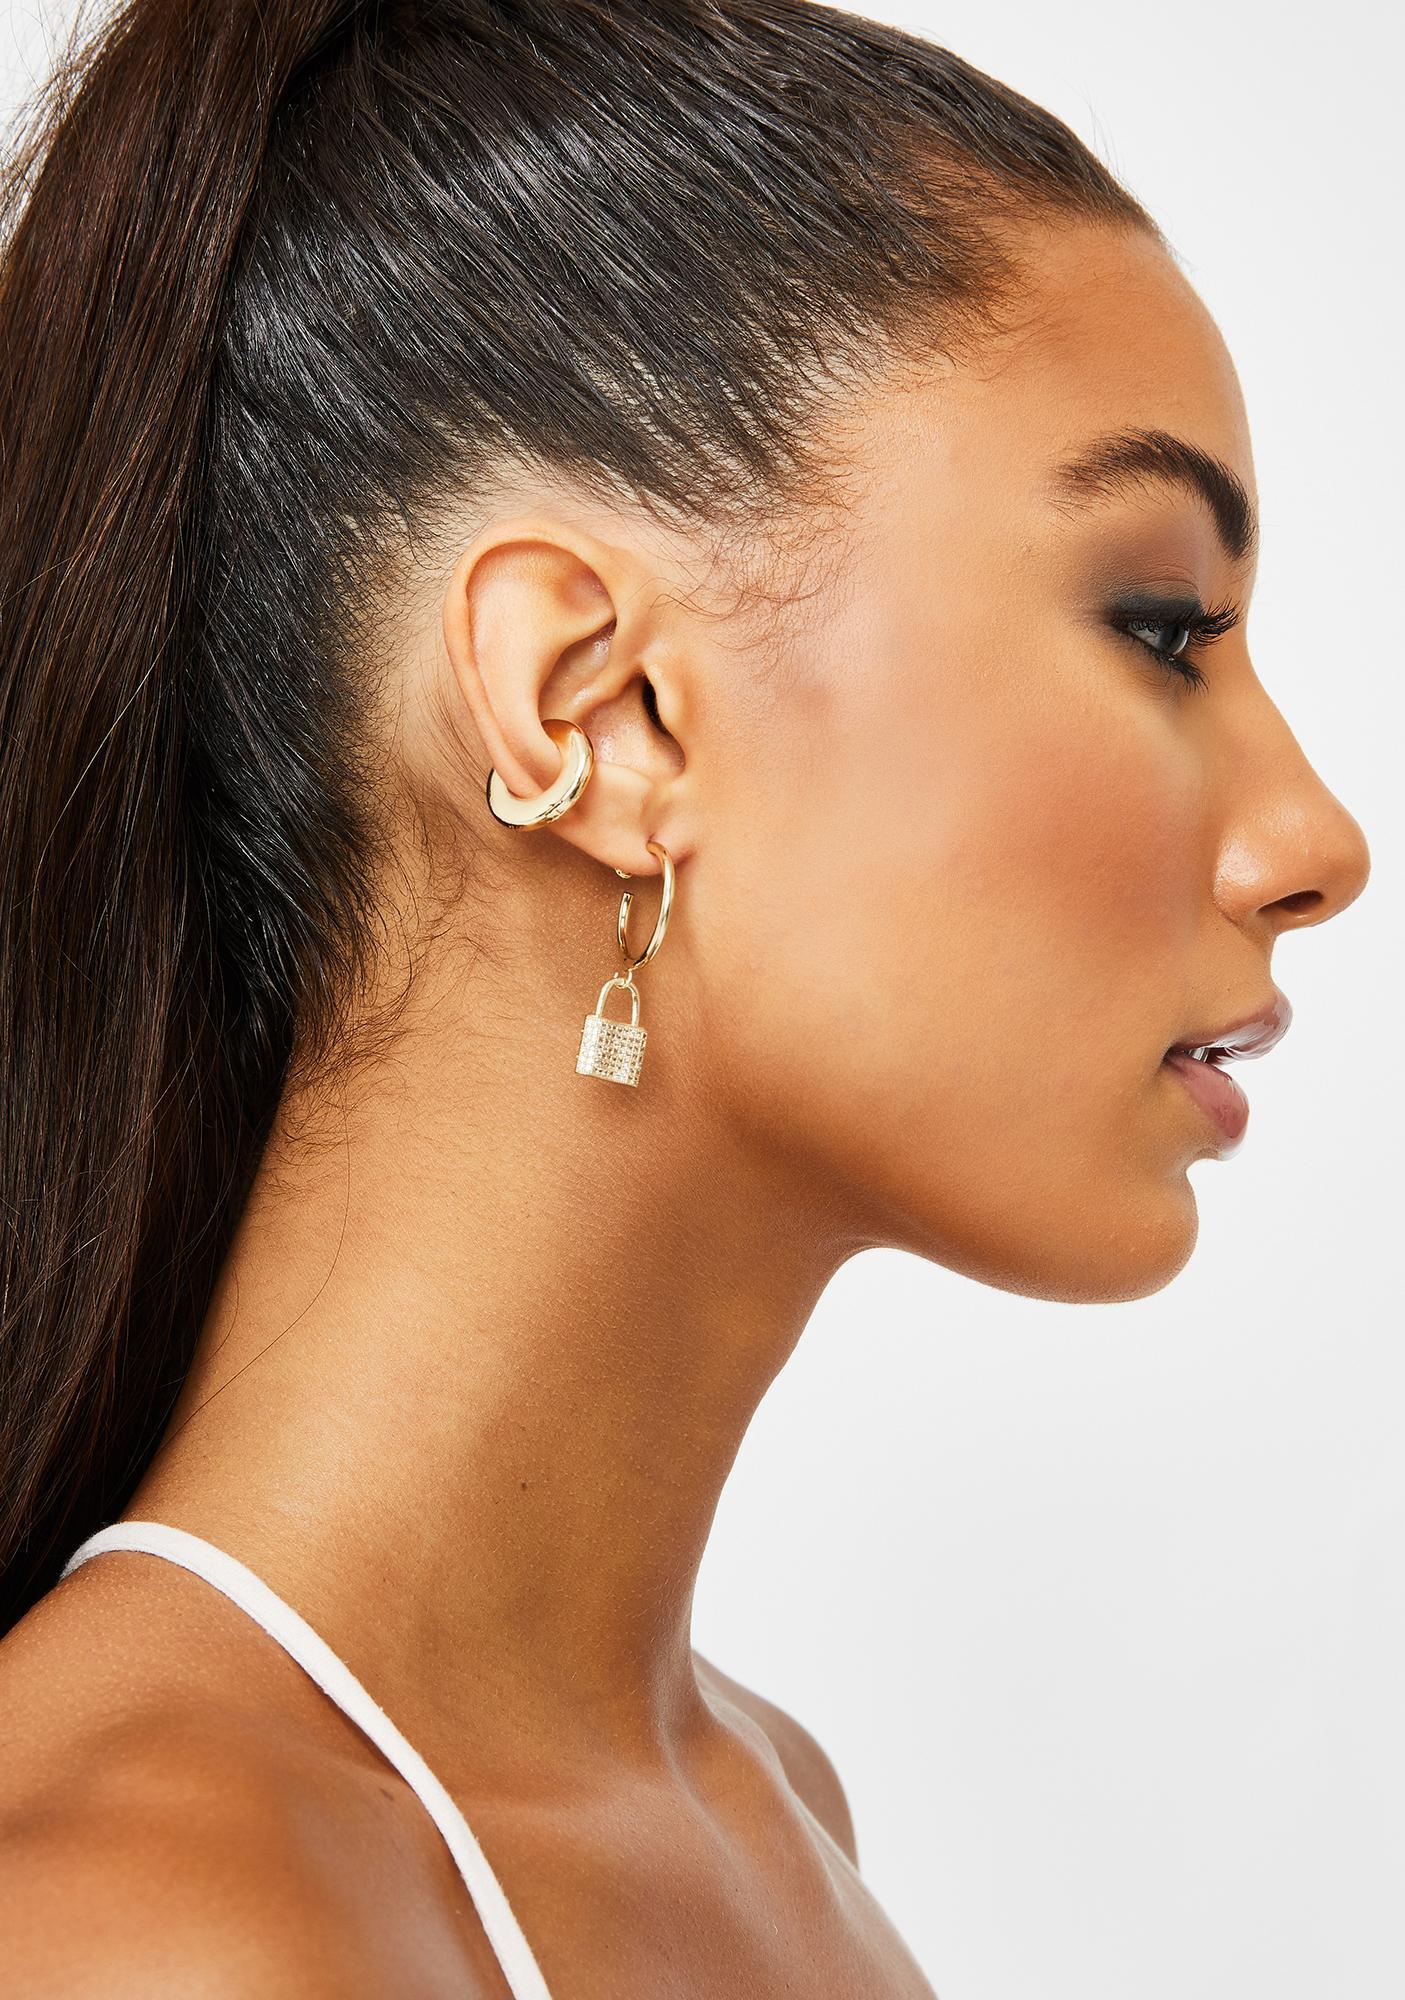 Major Momentz Lock N' Key Earrings